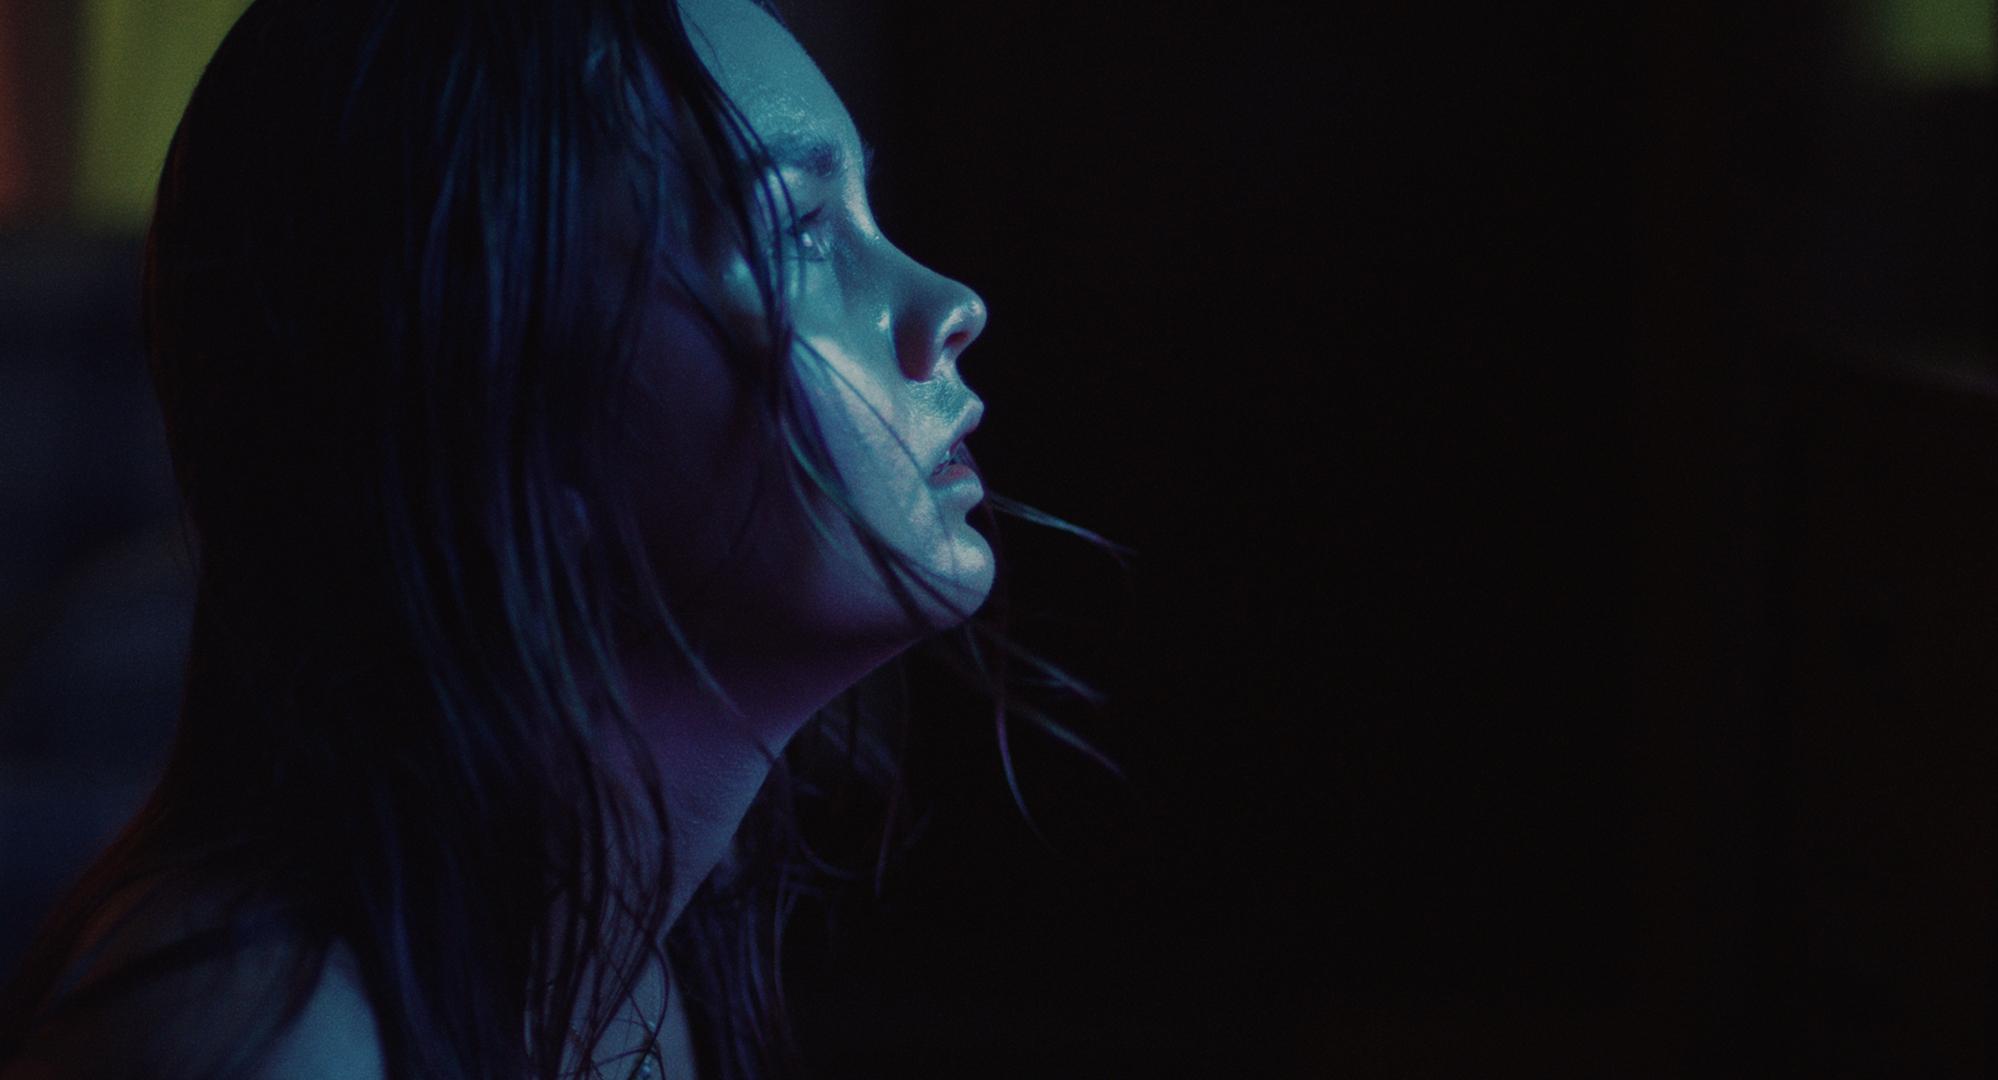 Film Still of Liana Liberato in The Beach House